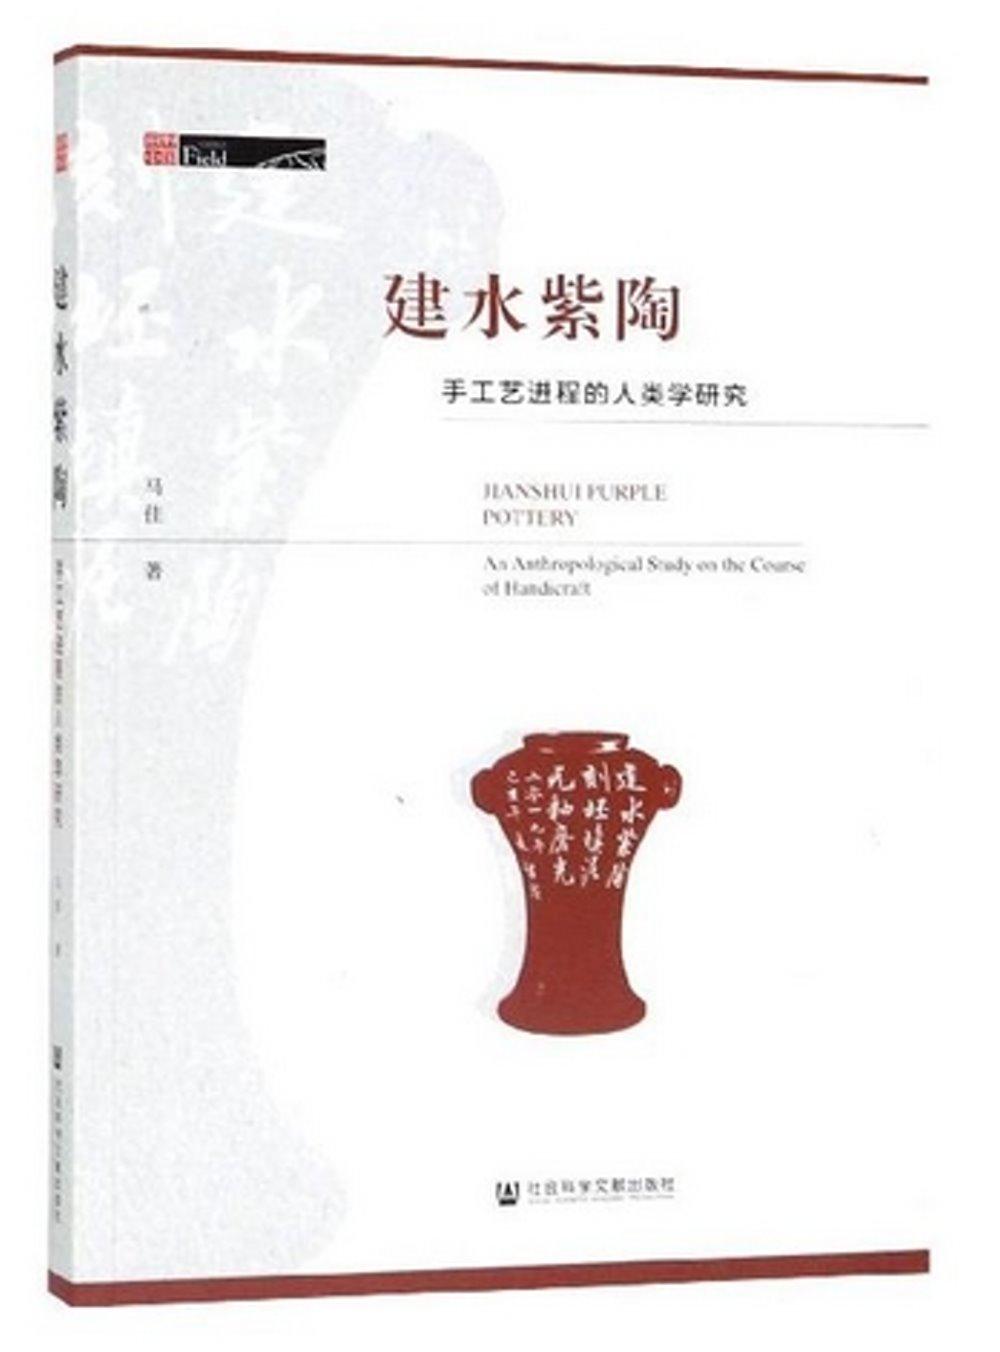 建水紫陶:手工藝進程的人類學研究